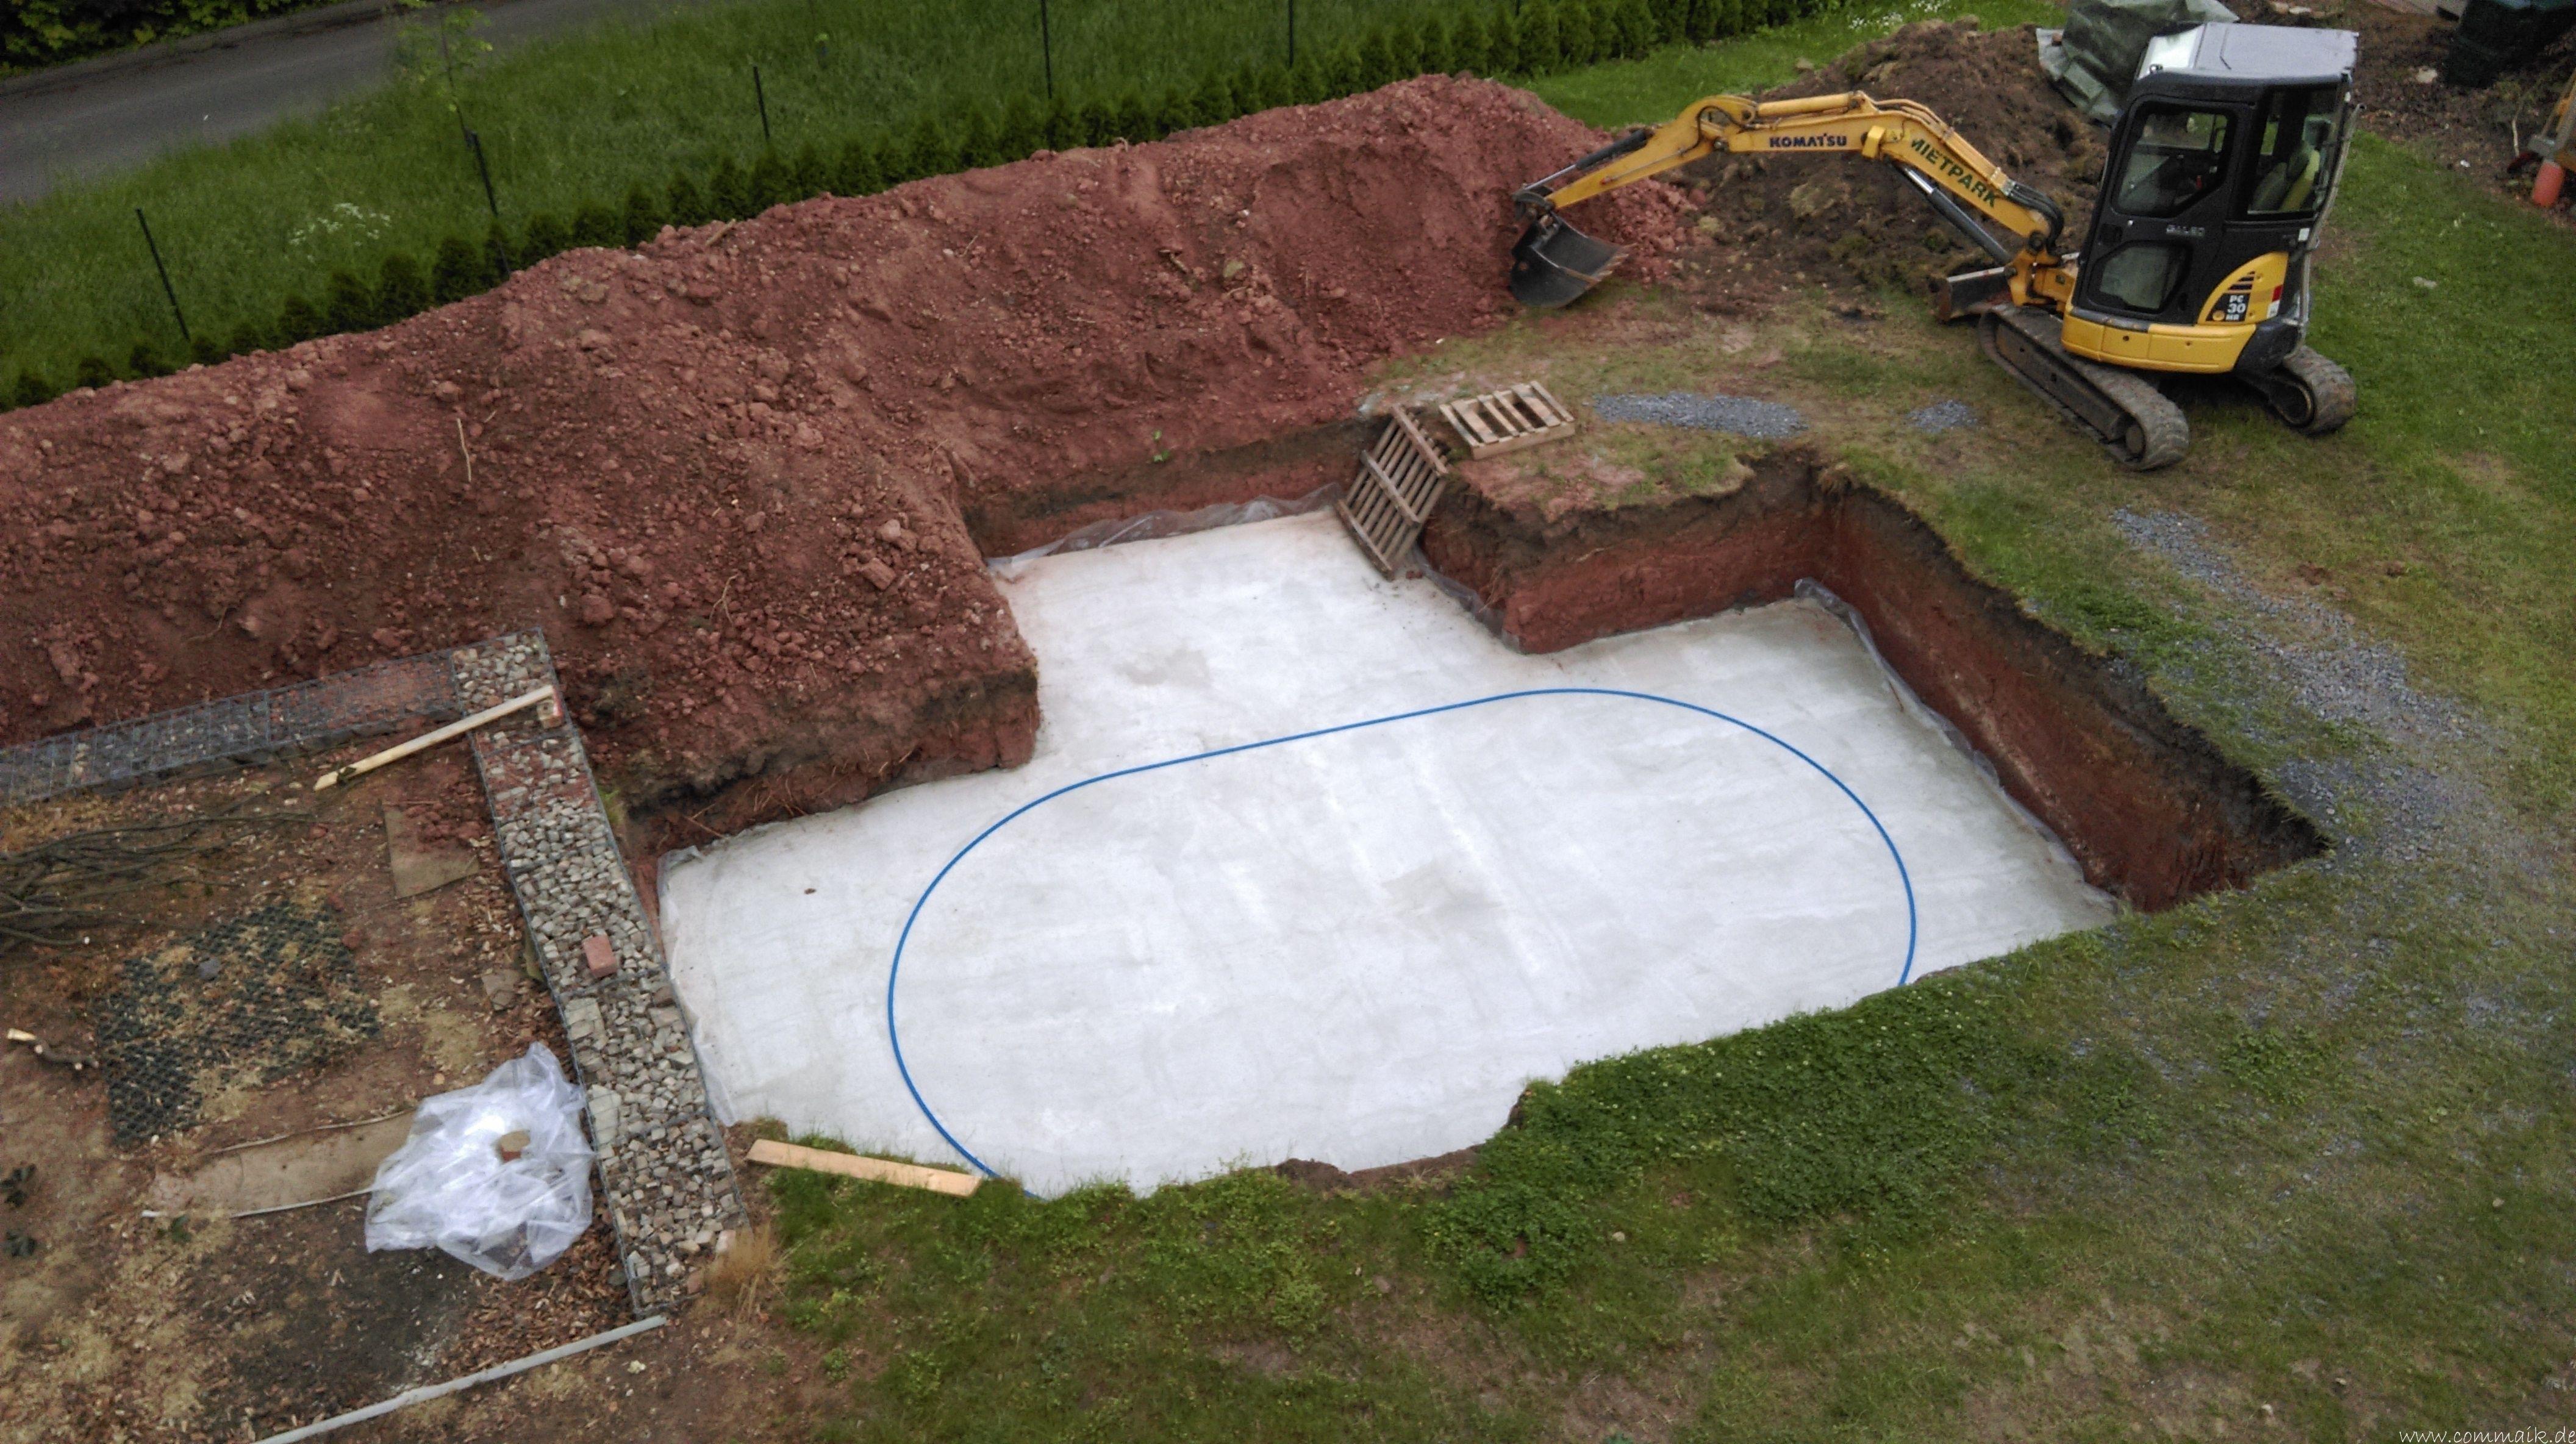 Projekt Poolbau Die Stützmauern Kommen Und Der Pool Wird